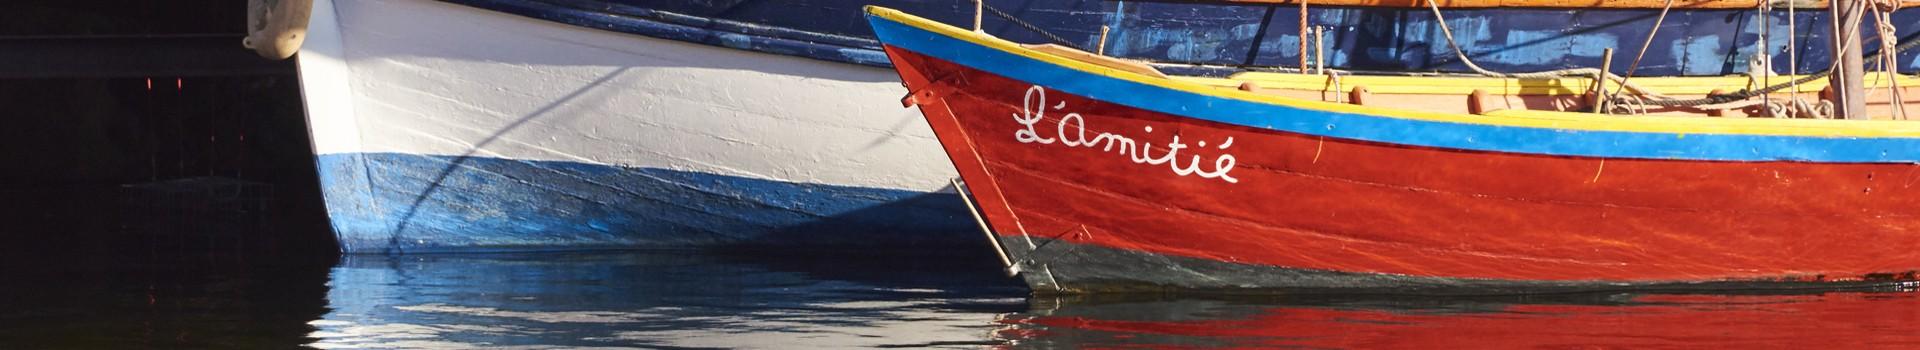 barque-c-d-a-costa-8617